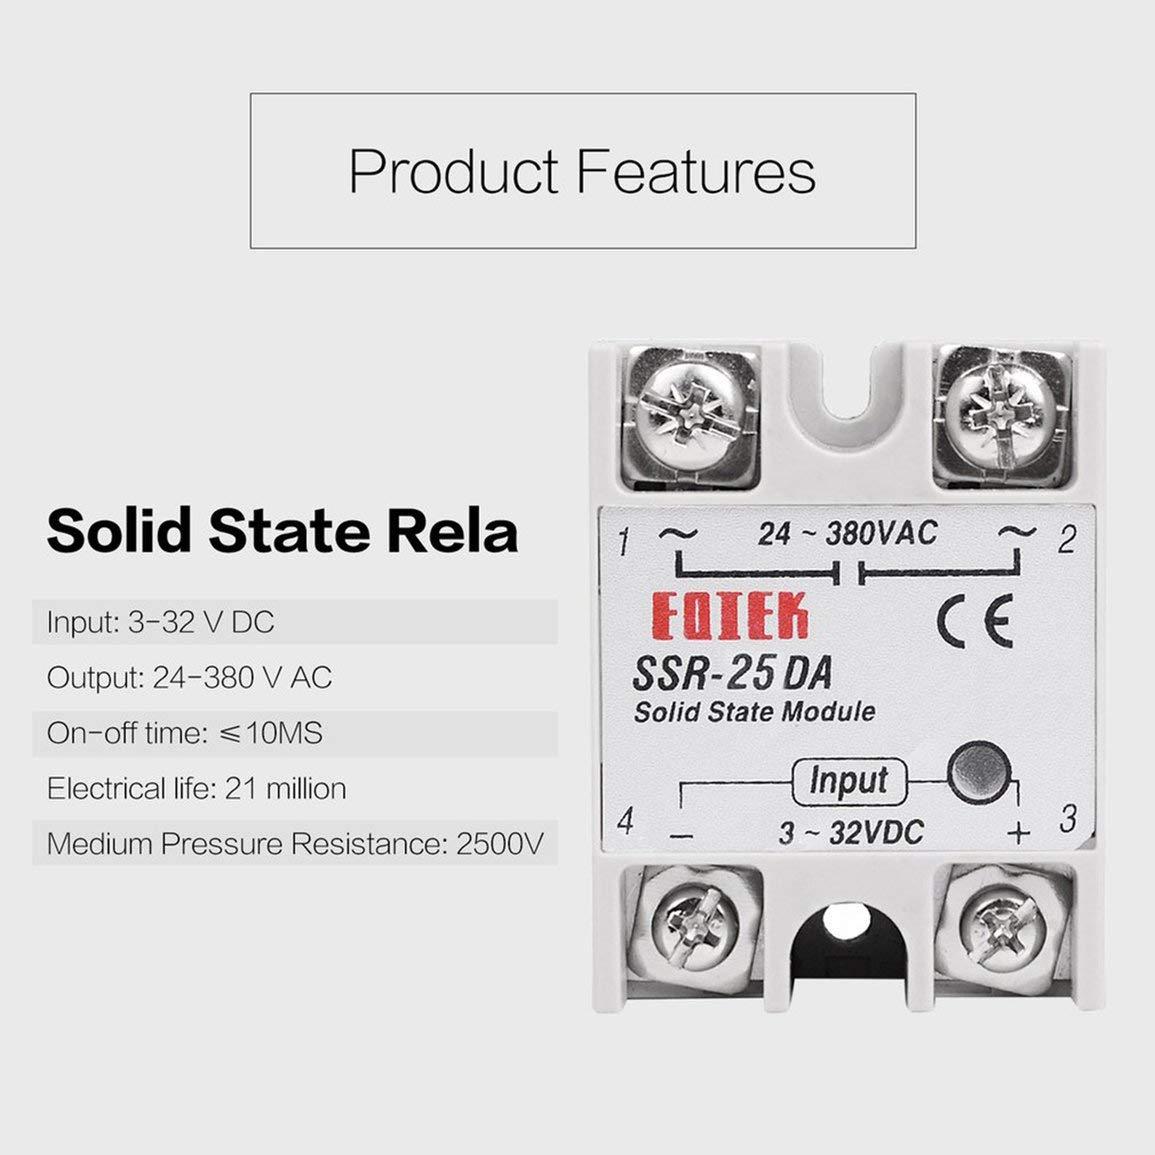 Solid State Relais DC-AC 10A 25A 40A 60A 80A 100A 12V 3-32V DC bis 220 V AC 24-380V Last einphasig SSR f/ür die Temperaturregelung Farbe: wei/ß -3